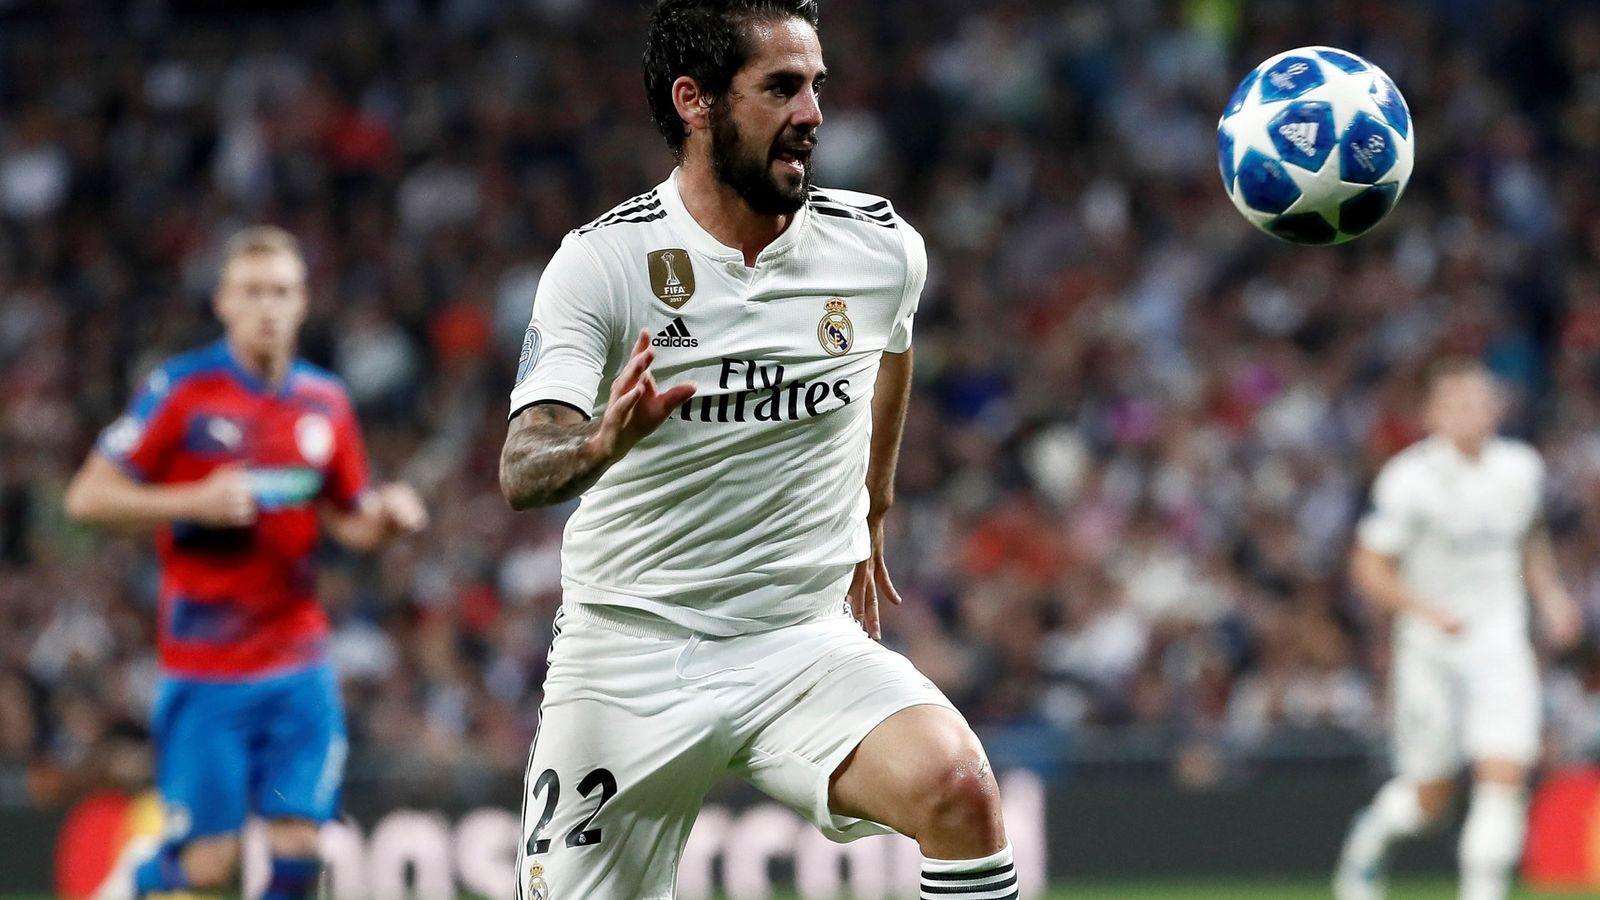 Foto: Isco controla un balón durante un partido en el estadio Santiago Bernabéu. (Efe)